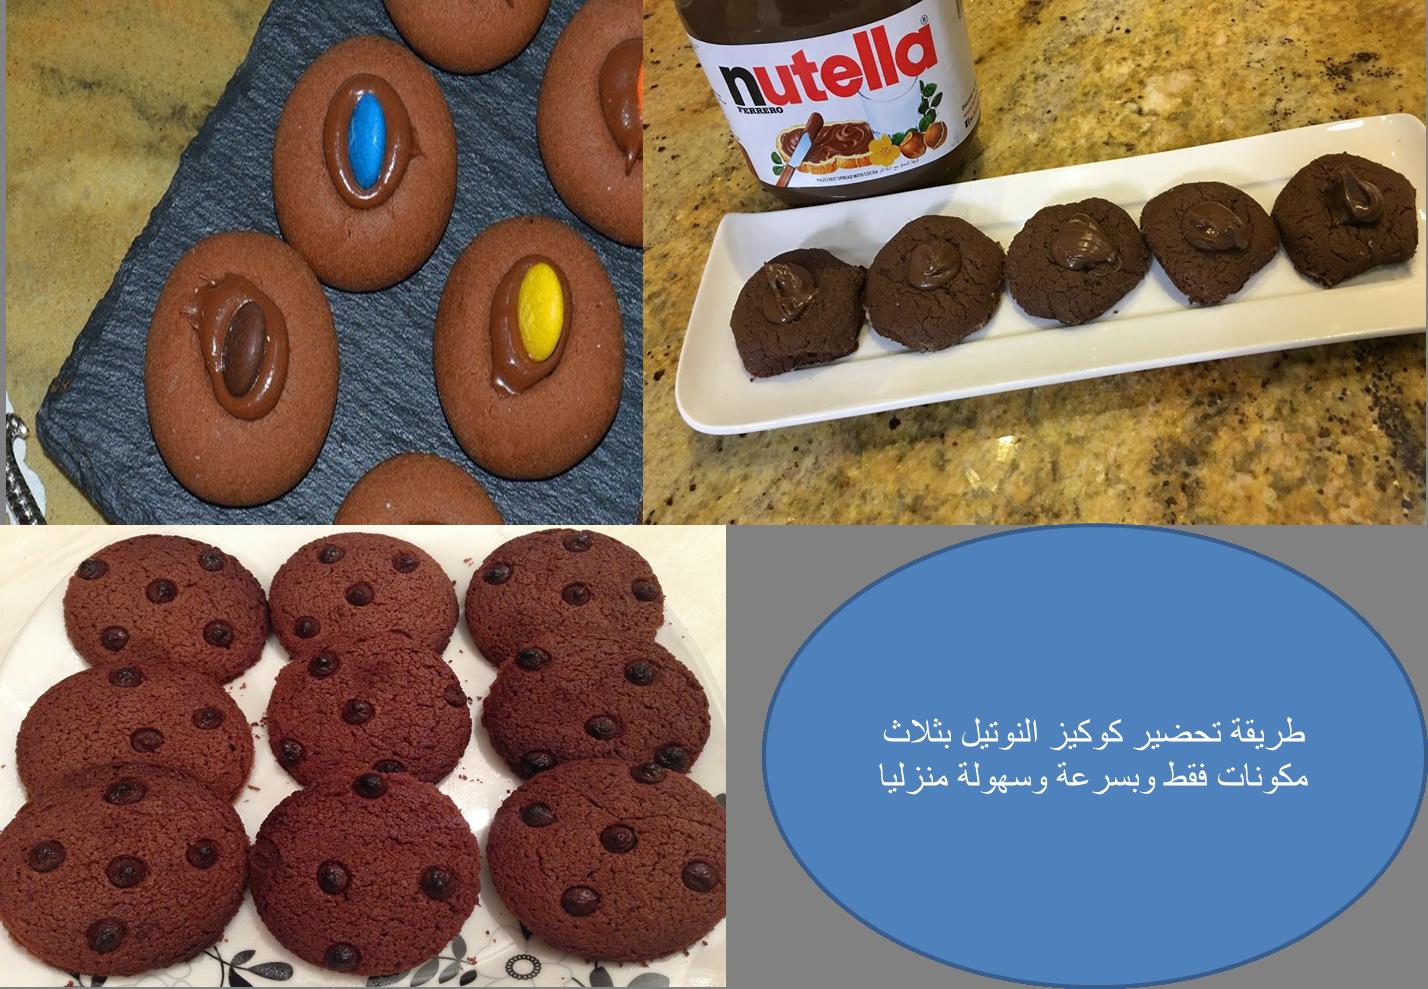 كوكيز النوتيلا بثلاث مكونات فقط بسيط جدا سهل وسريع التحضير Nutella Nutella Cookies Desserts